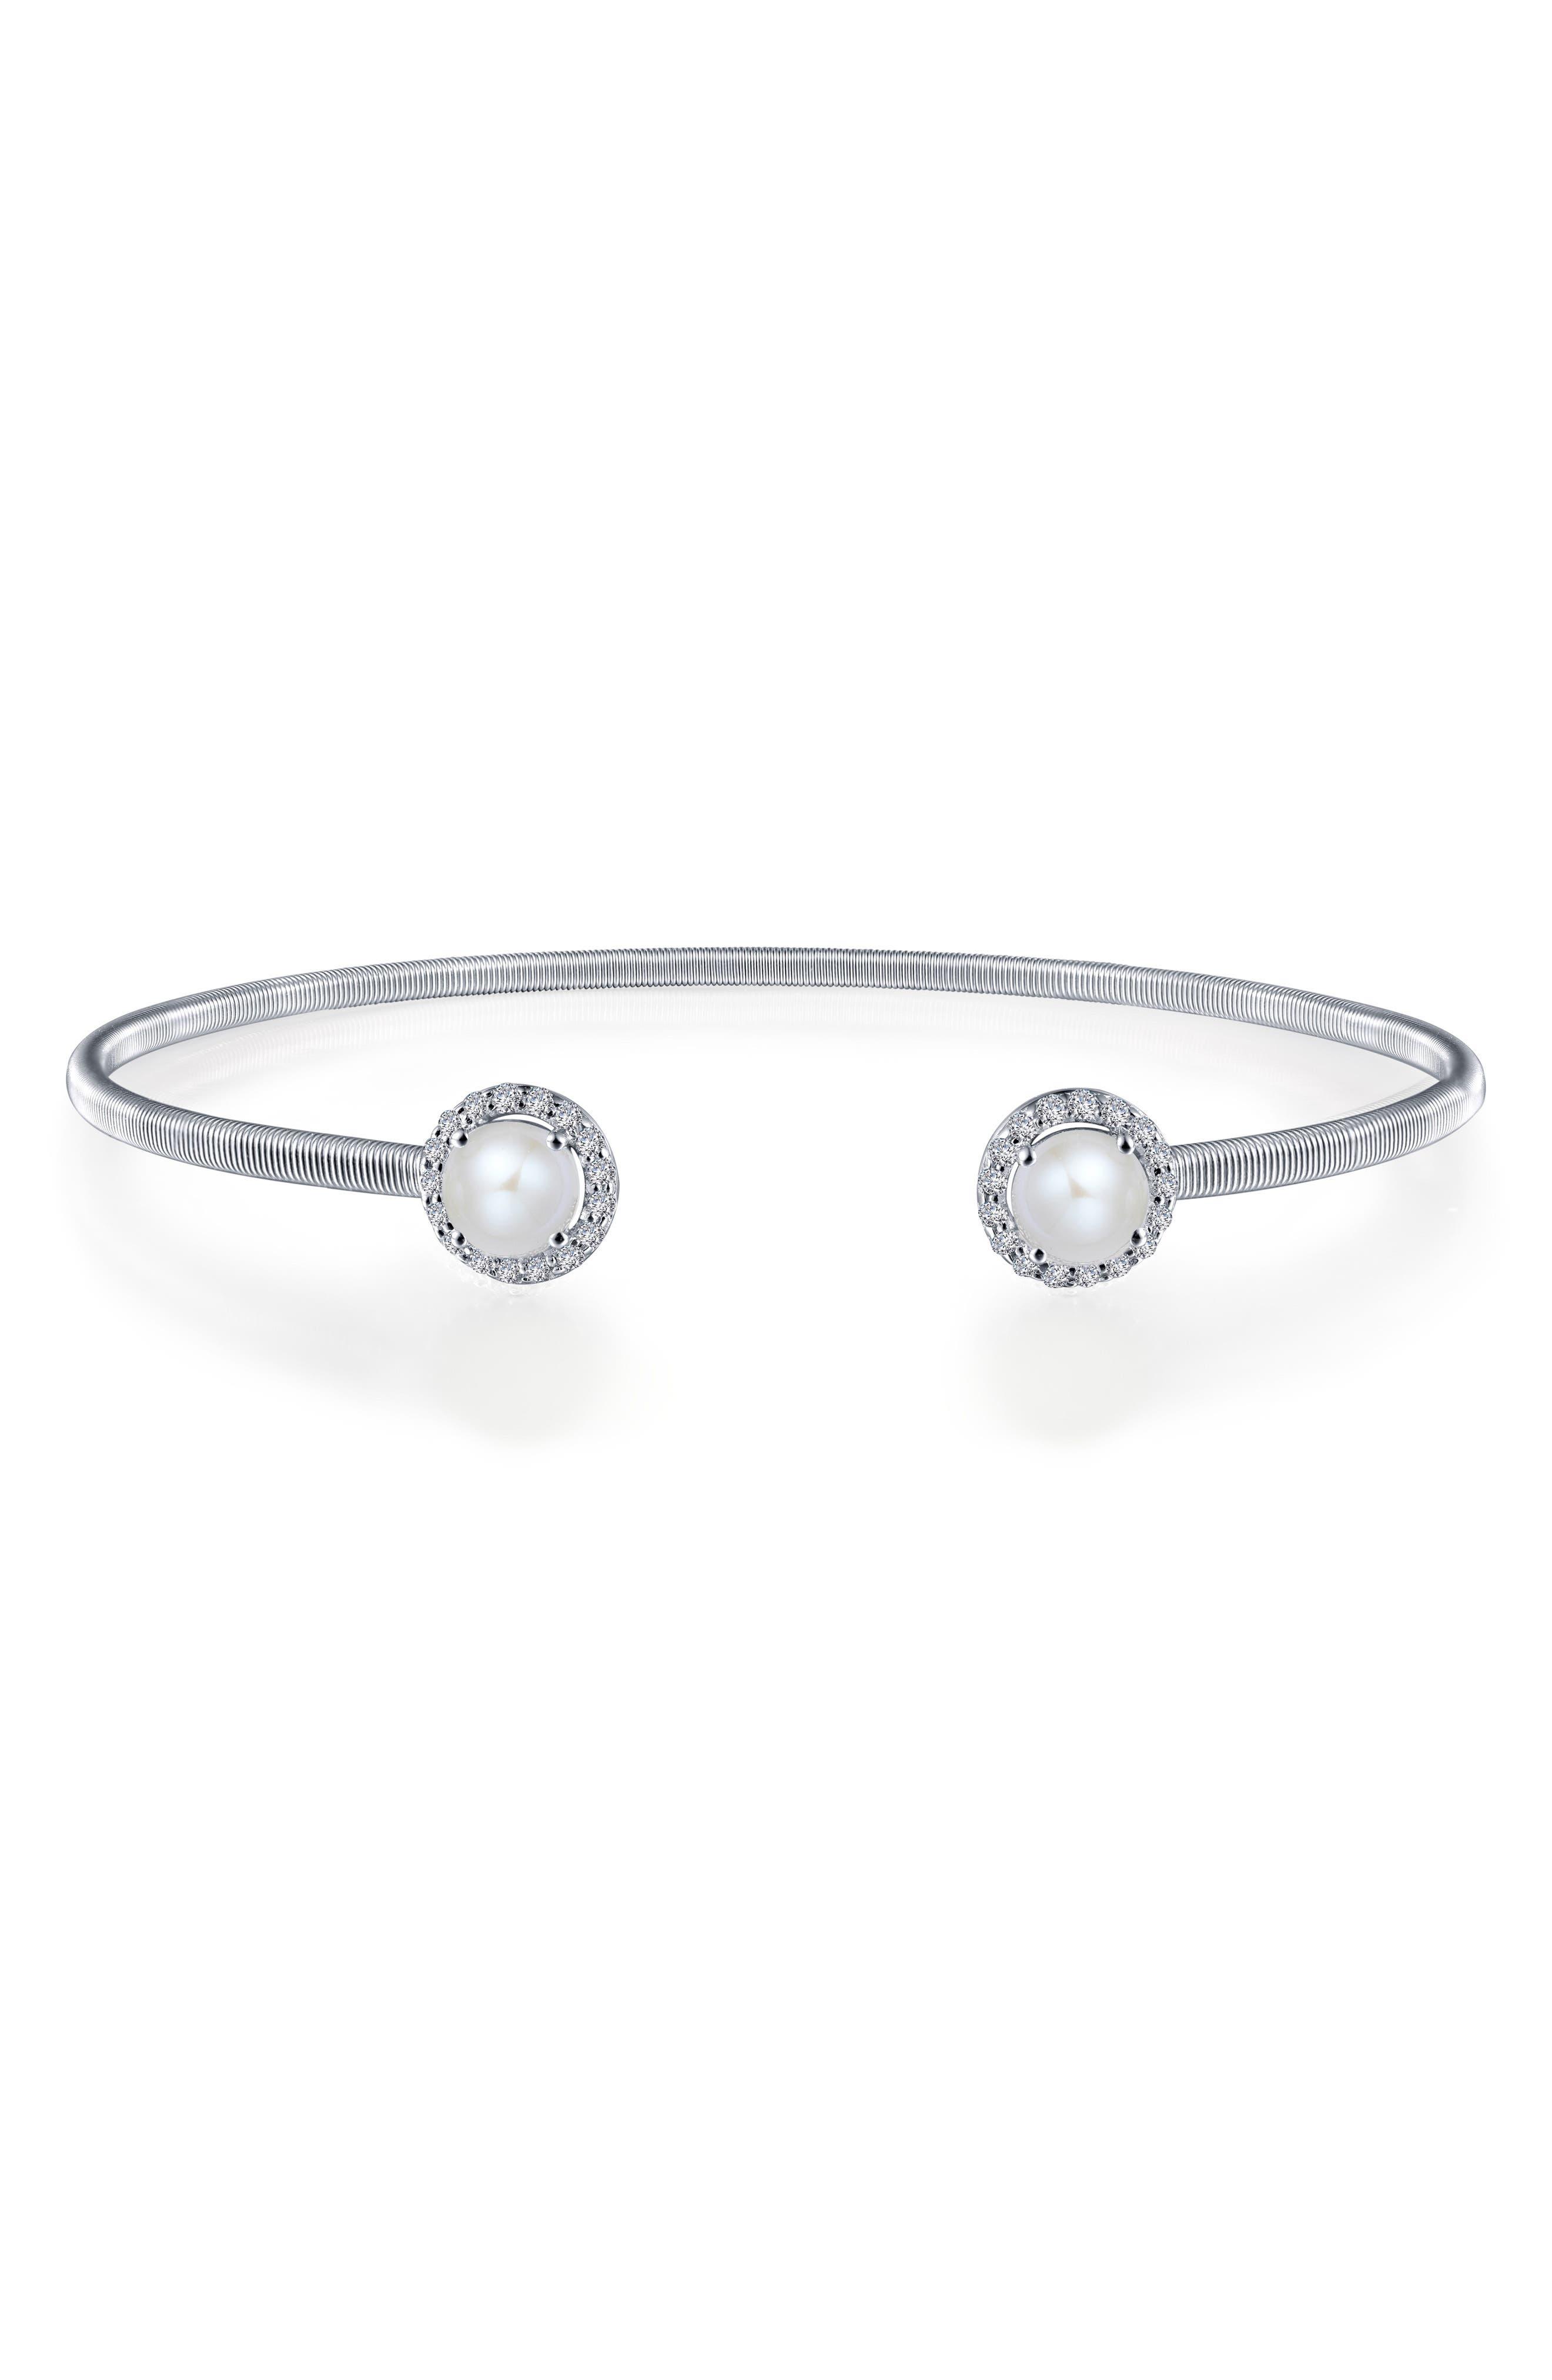 Lassaire Simulated Diamond Cuff,                             Main thumbnail 1, color,                             Silver/ June Pearl